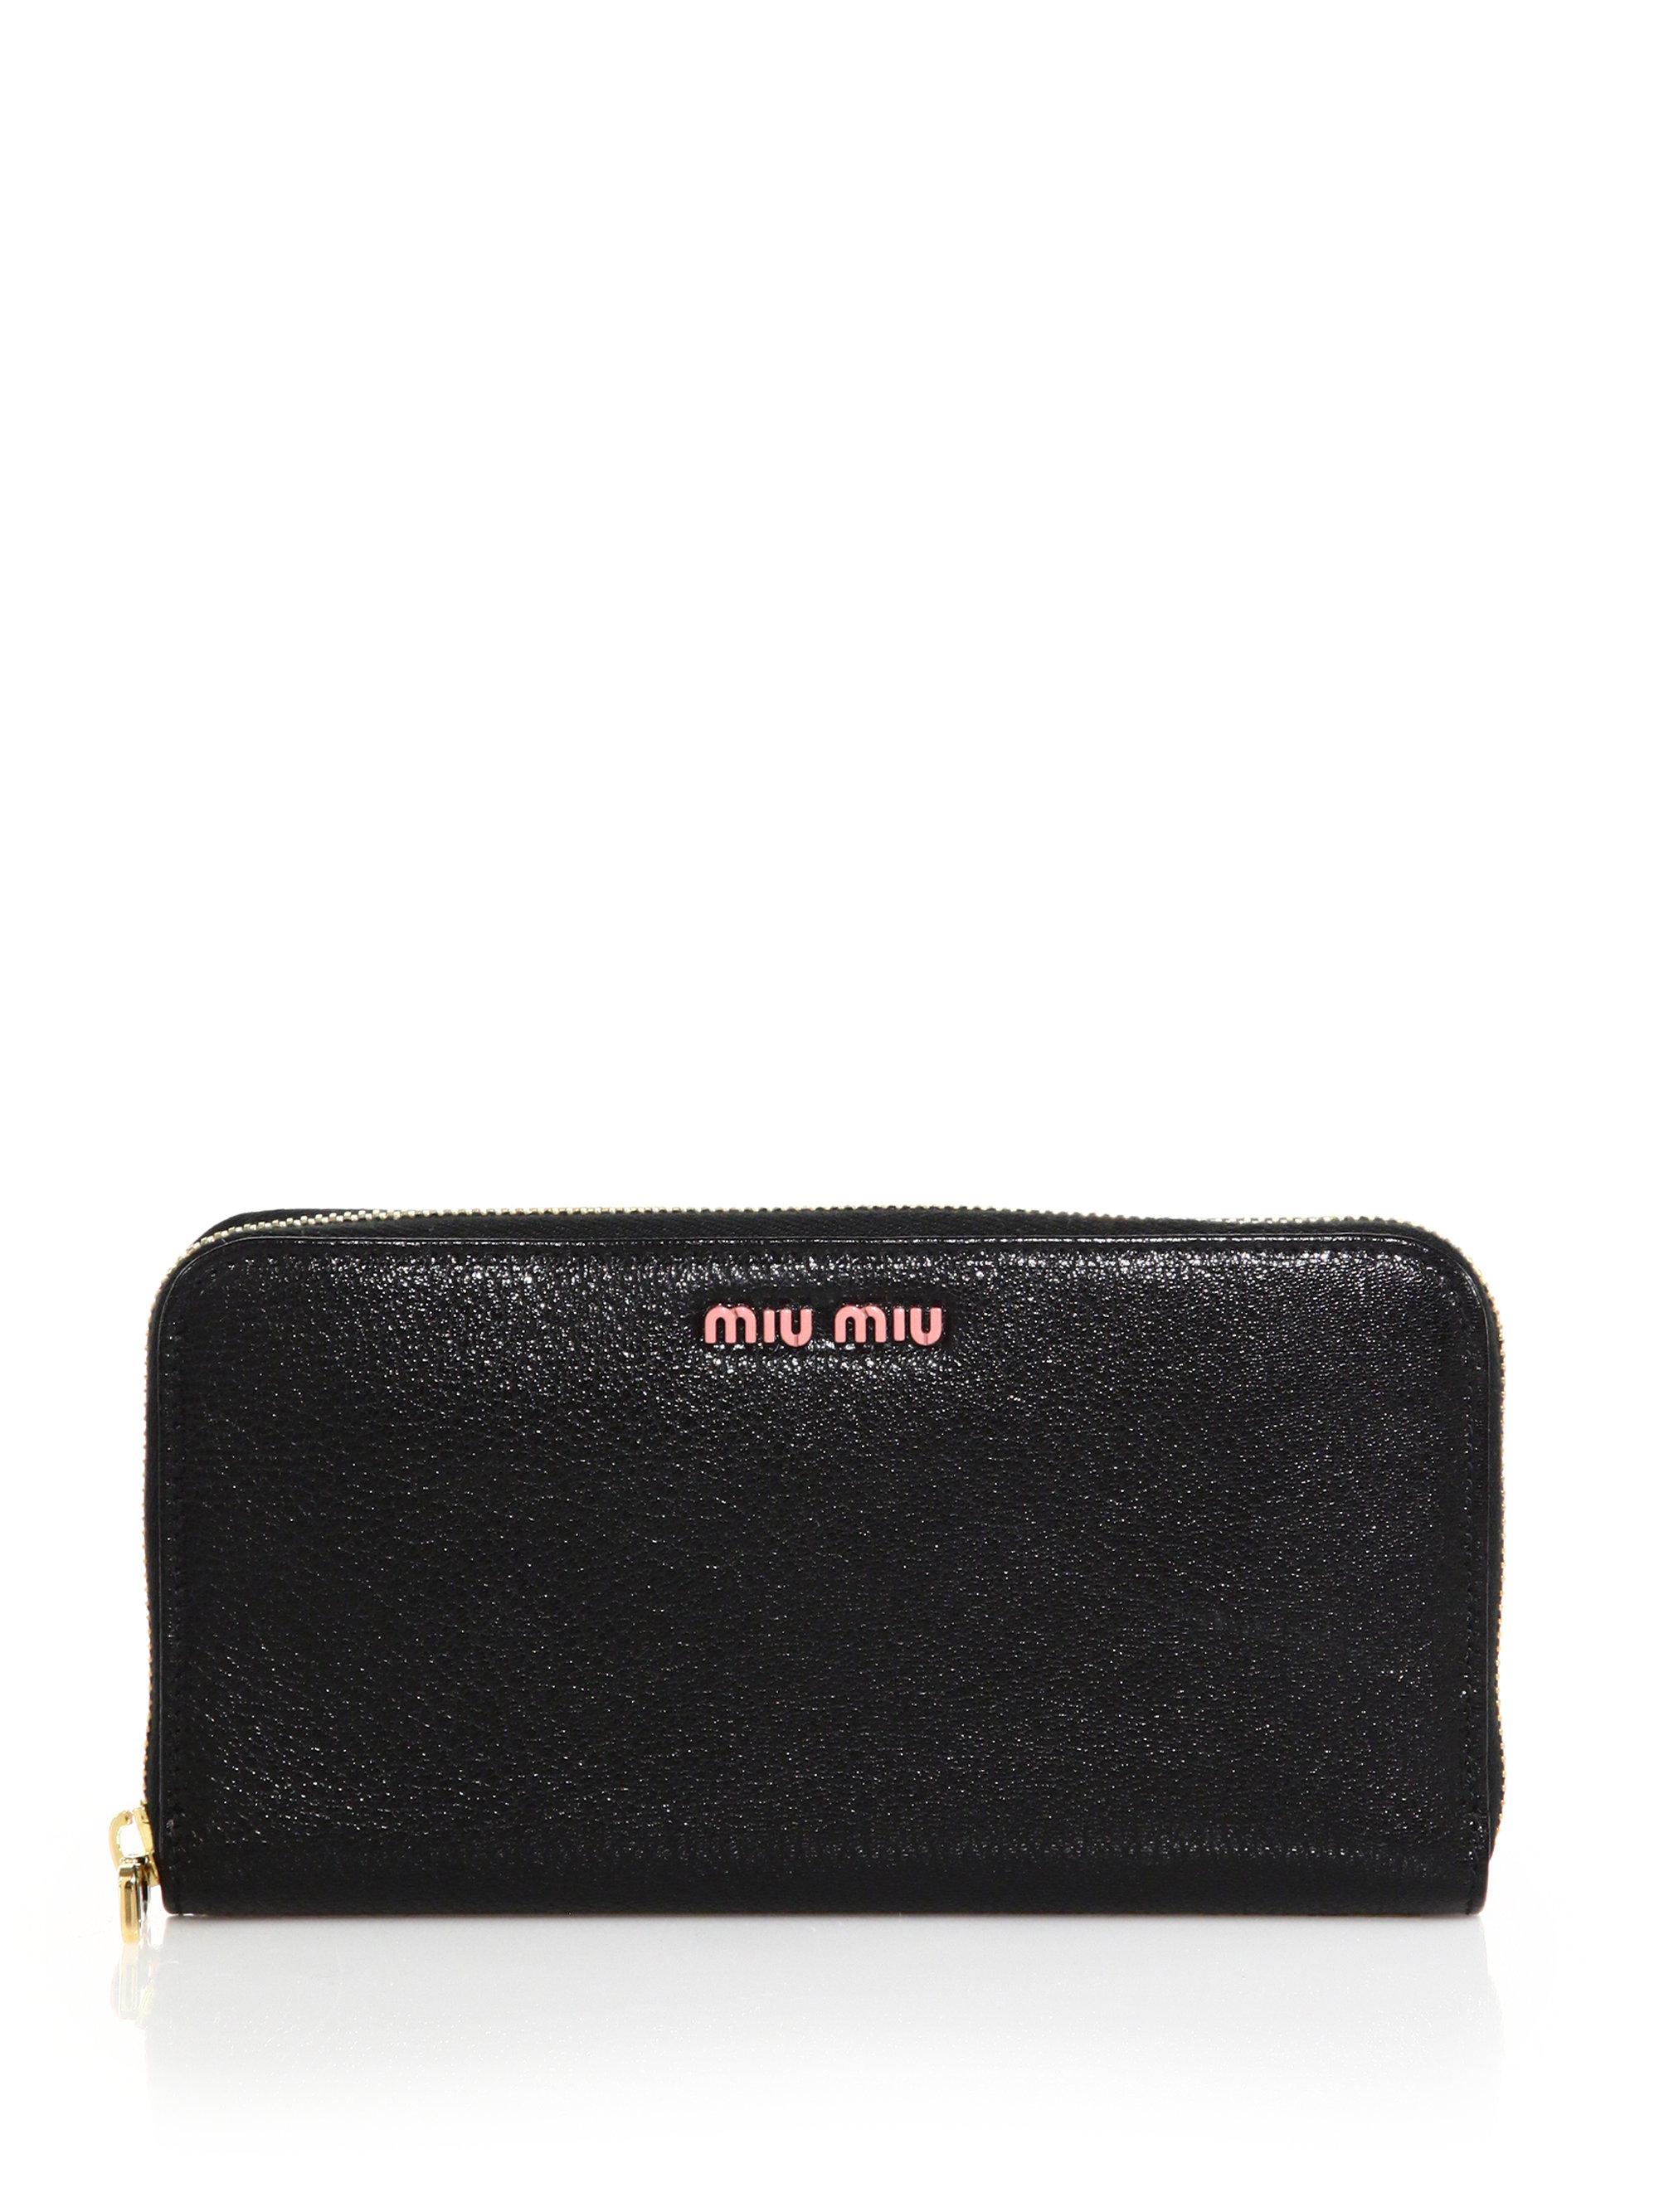 Miu Miu Madras Miu Wallet gGIILtHwm